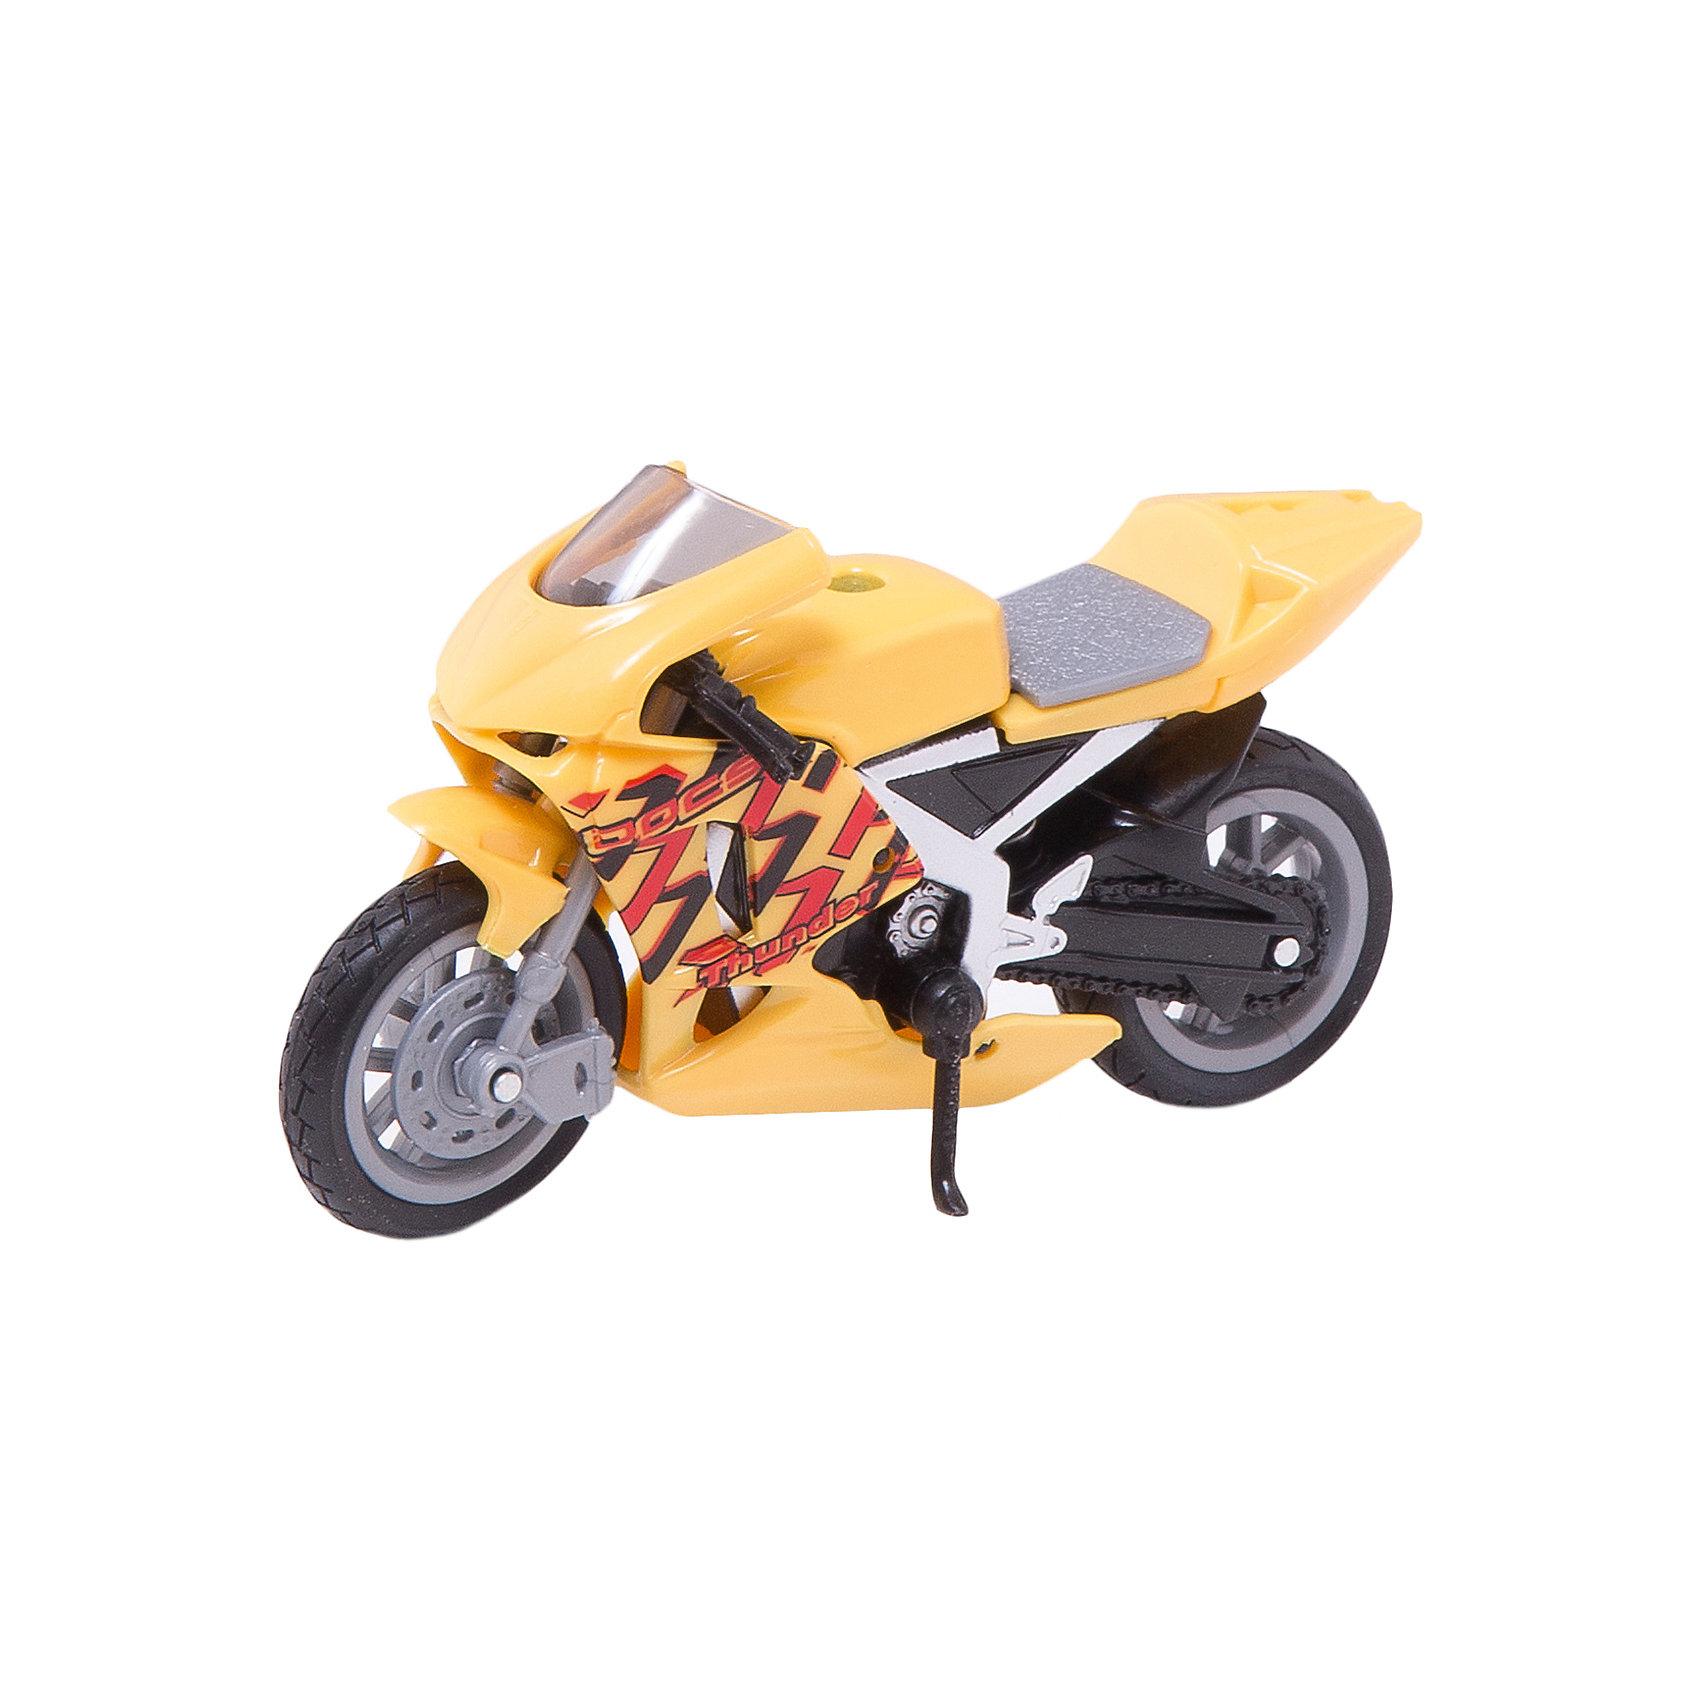 Мотоцикл DAYTONA GRAND PRIX, 1:18Машинки<br>Любой мальчишка придет в восторг от такого яркого и прекрасно детализированного мотоцикла! Модель выполнена в масштабе 1:18, имеет вращающиеся колеса с резиновыми шинами. Изготовлена из металла, реалистично раскрашена. <br><br>Дополнительная информация:<br><br>- Материал: пластик, металл.<br>- Масштаб: 1:18.<br>- Колеса подвижные.<br><br>Машину DAYTONA GRAND PRIX, 1:18, можно купить в нашем магазине.<br><br>Ширина мм: 140<br>Глубина мм: 45<br>Высота мм: 83<br>Вес г: 82<br>Возраст от месяцев: 36<br>Возраст до месяцев: 84<br>Пол: Мужской<br>Возраст: Детский<br>SKU: 4515369